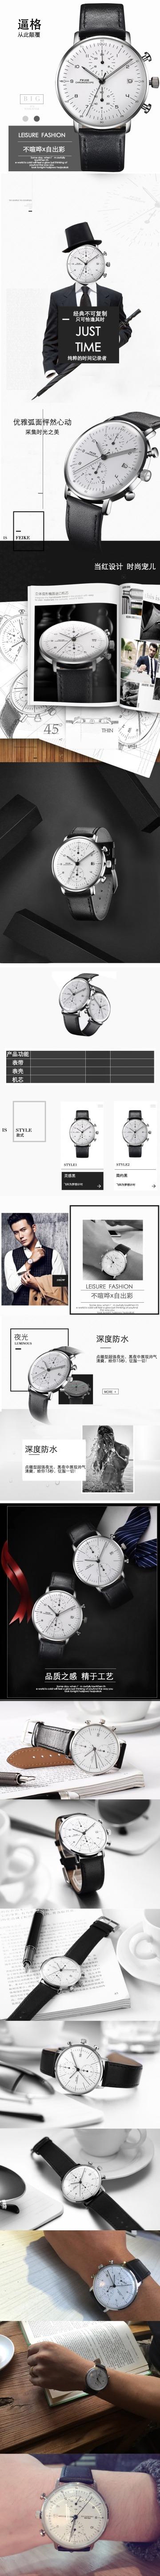 简约时尚商务手表电商详情图